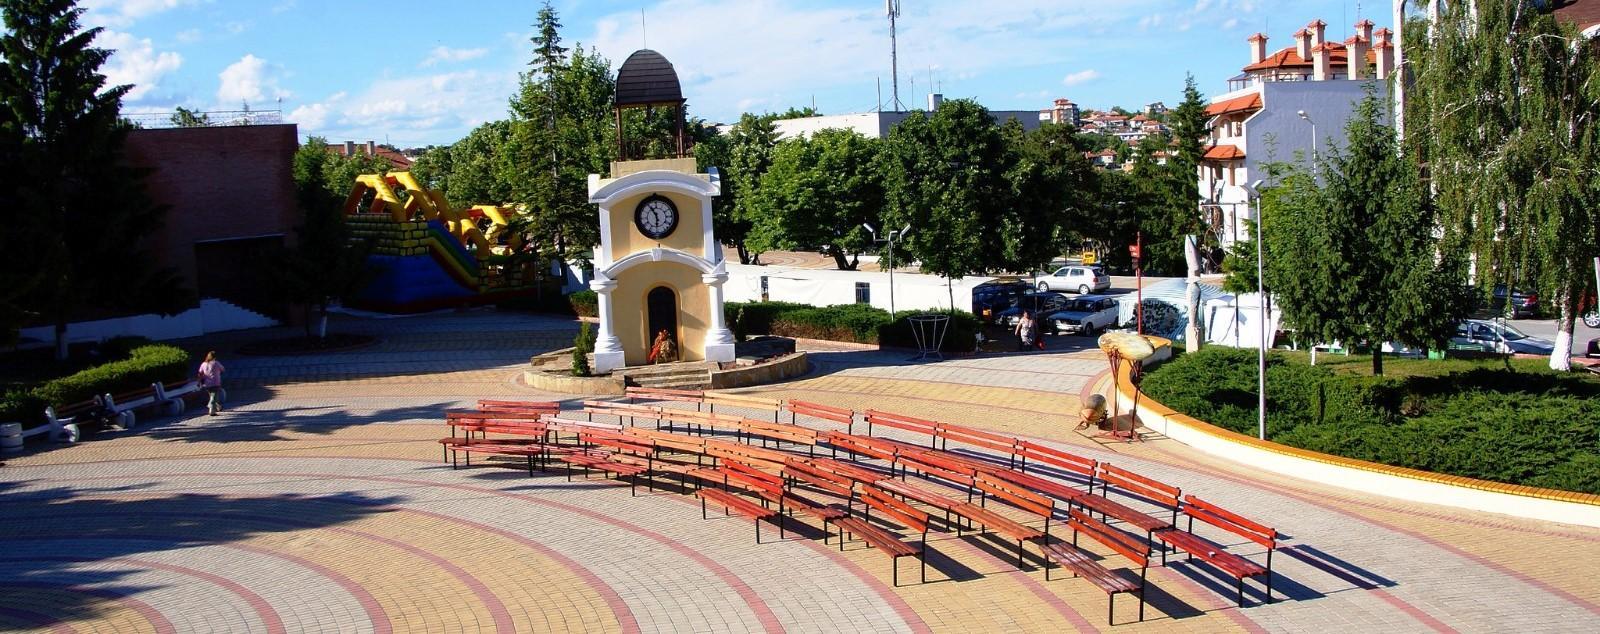 бяла болгария достопримечательности